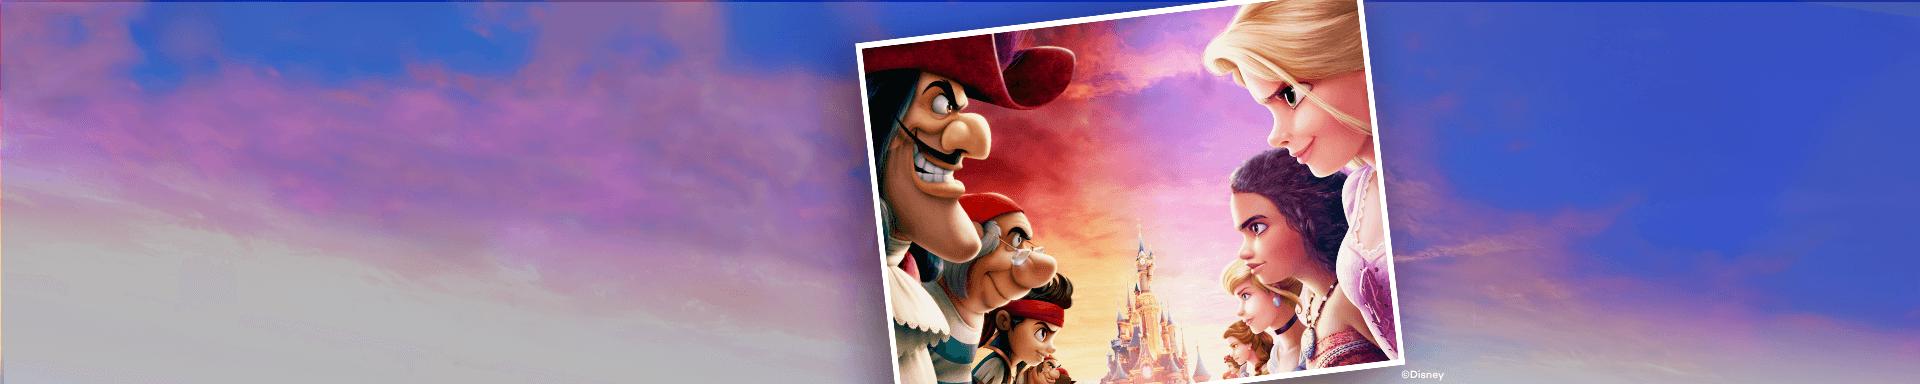 Bist du eine Prinzessin oder ein Pirat?